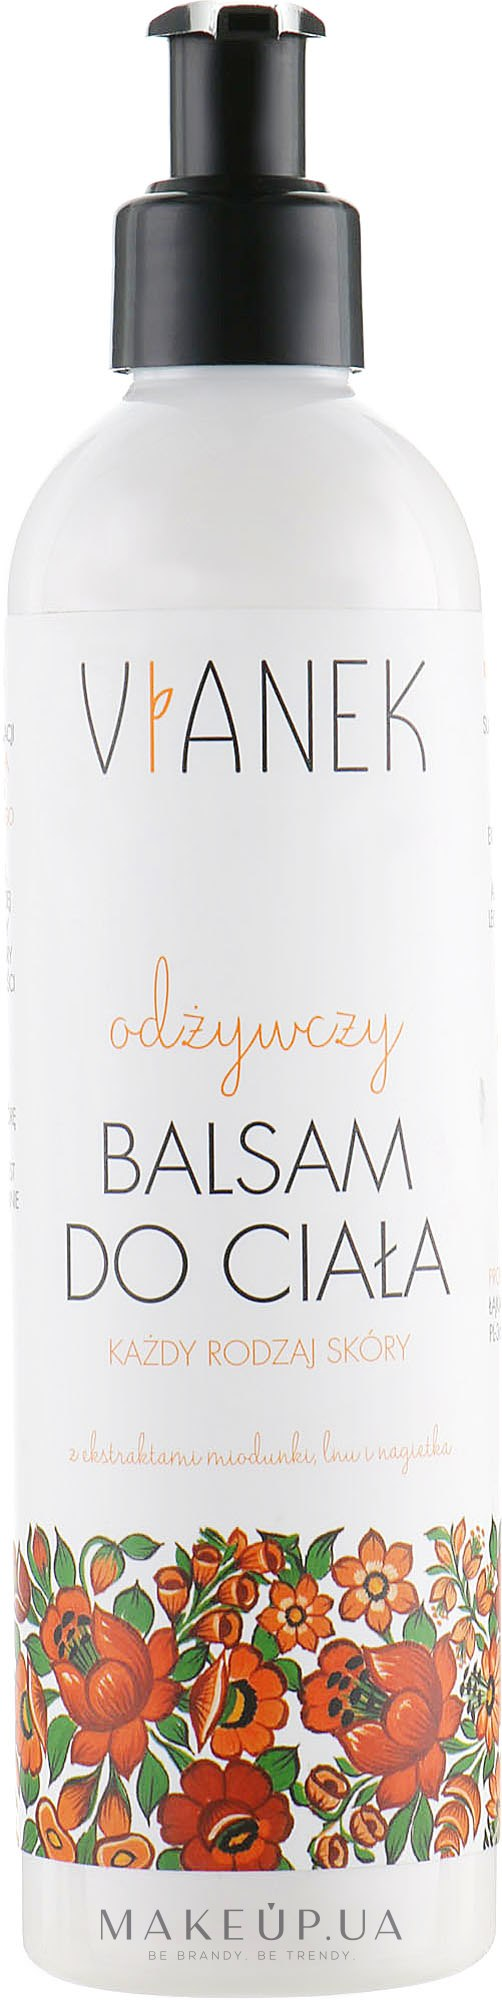 Питательный бальзам для тела - Vianek Body Balm  — фото 300ml